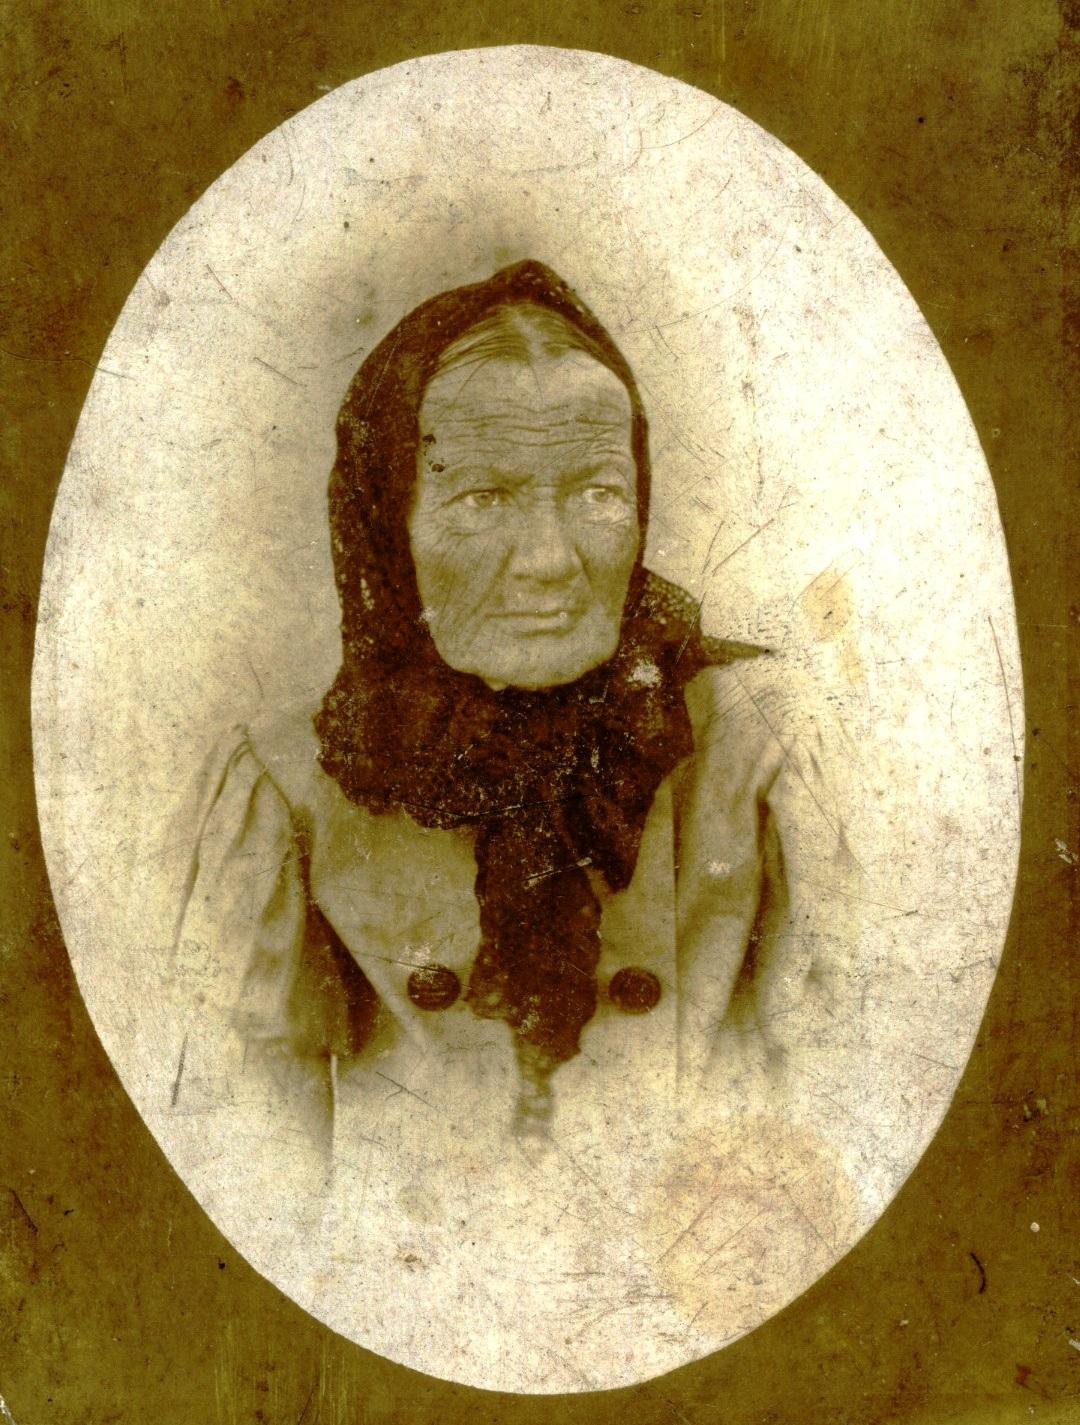 Портрет старой женщины. На обороте надпись «Скончалась 7 октября в 9 часов утра 1899г.»